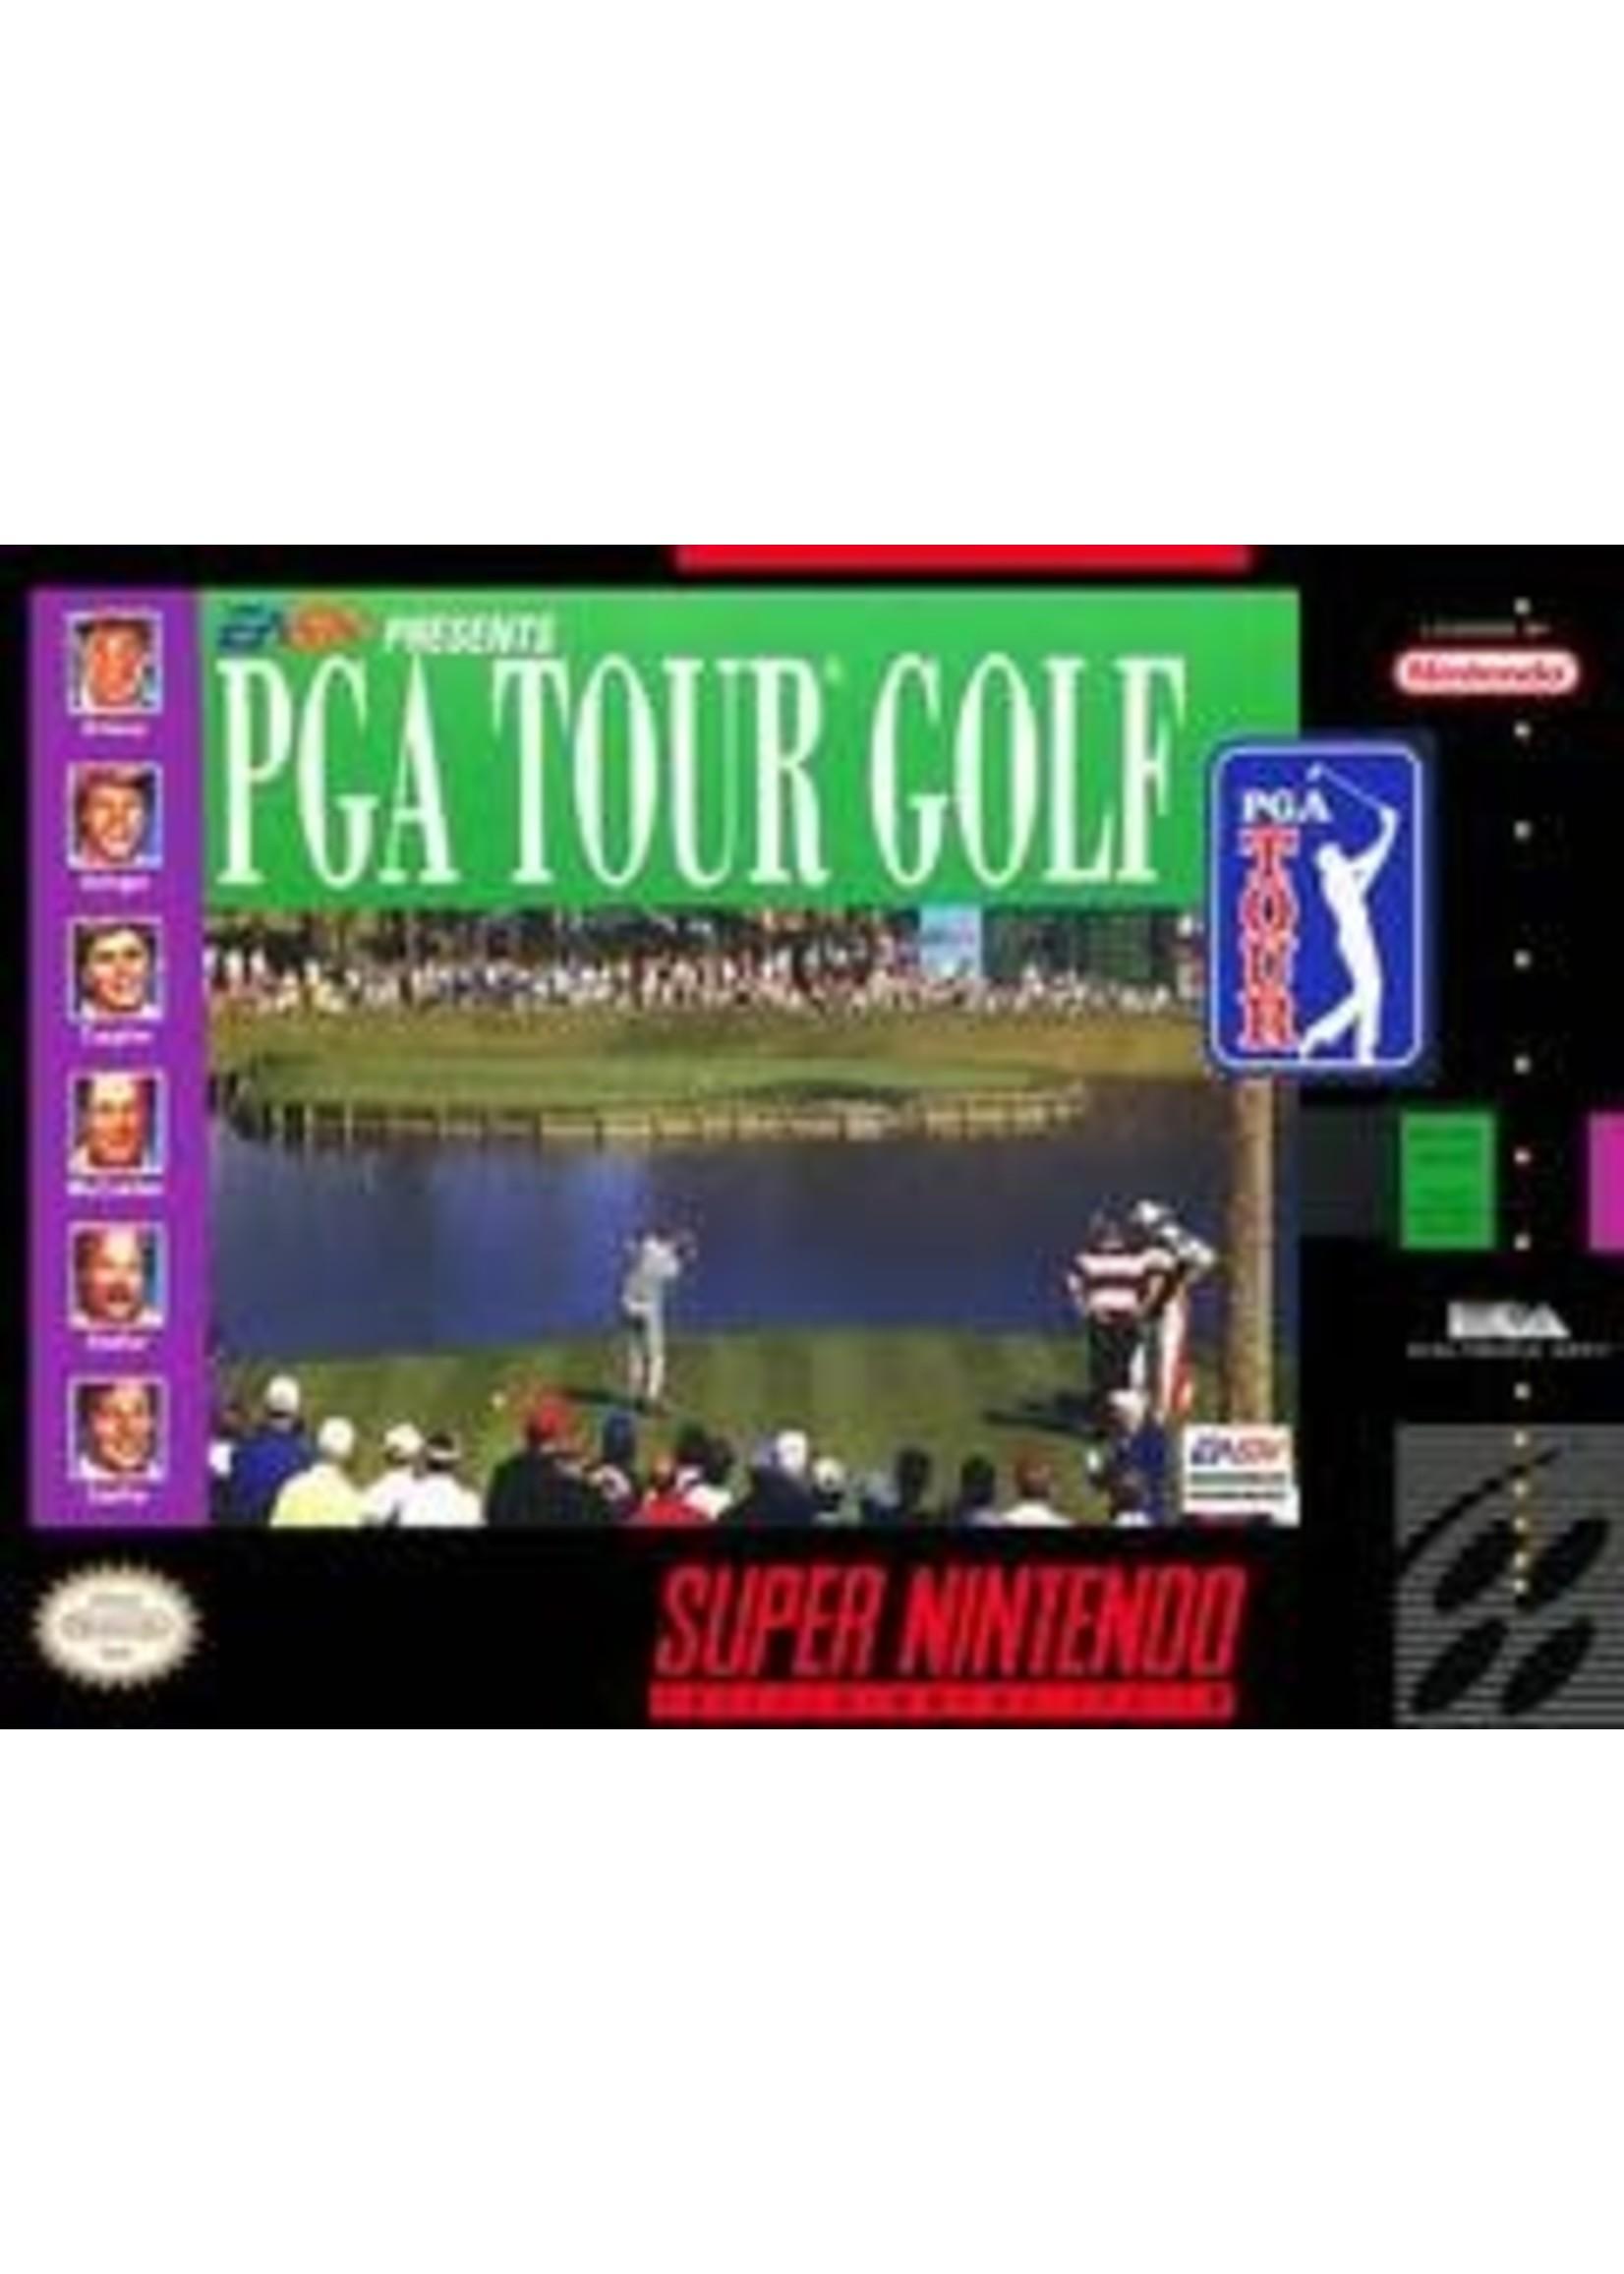 PGA Tour Golf Super Nintendo